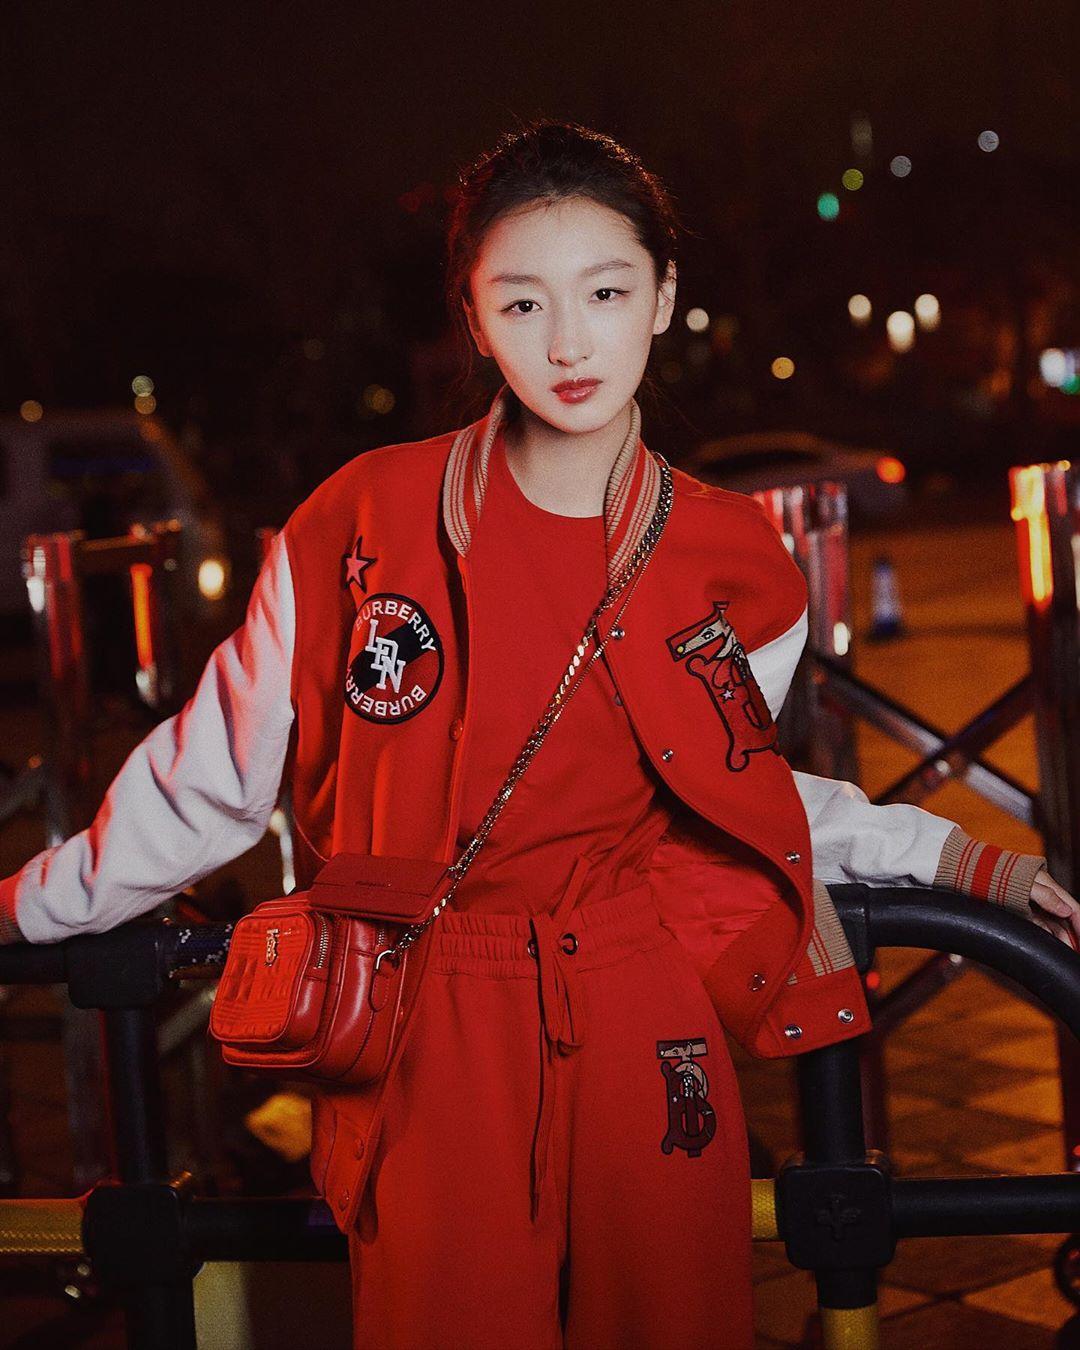 BST Burberry cho Tết Nguyên Đán tại Trung Quốc